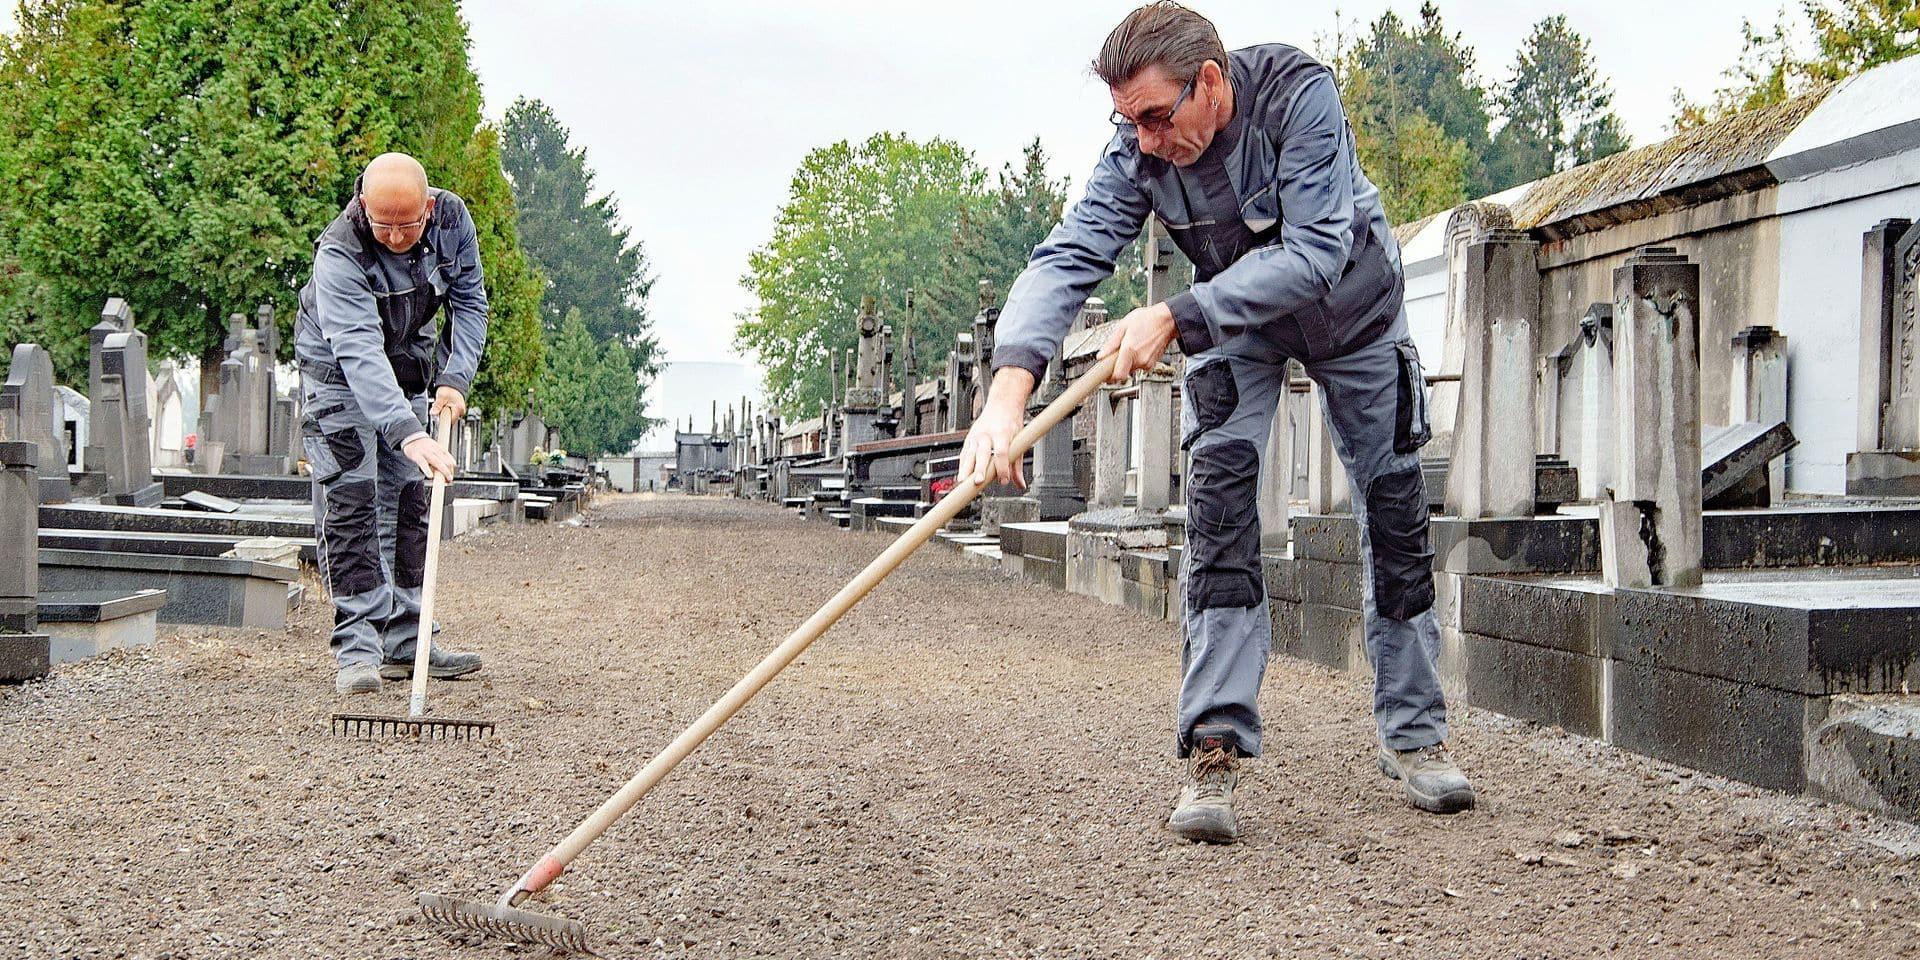 Surmortalité et baisse du nombre d'habitants à Charleroi: les chiffres sont presque identiques